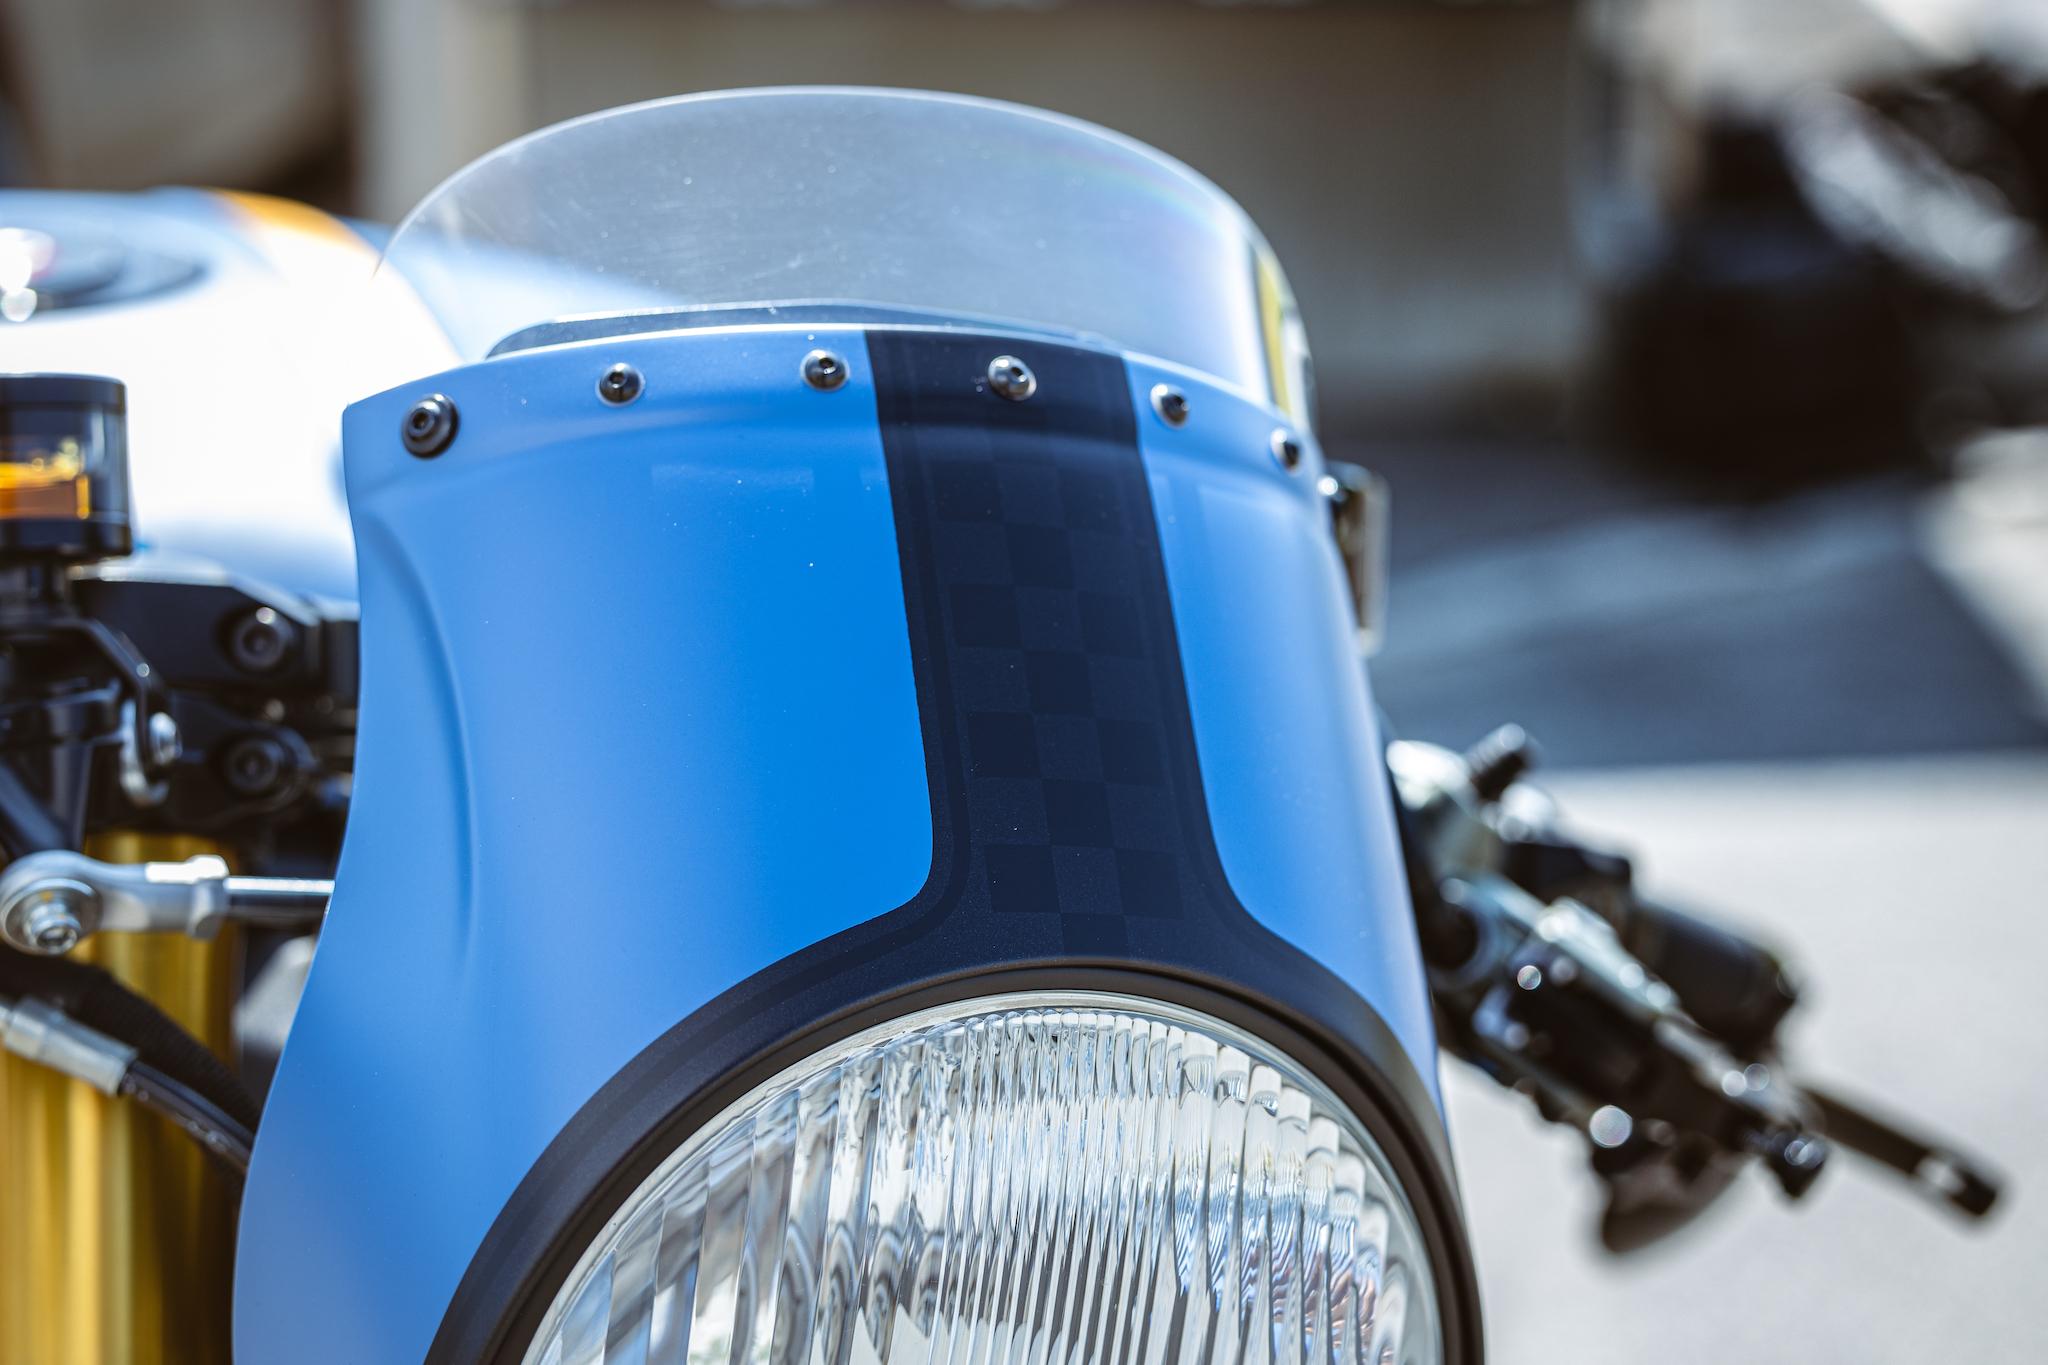 Ducati_Panigale_naked_dream-motos_Madpik-small13